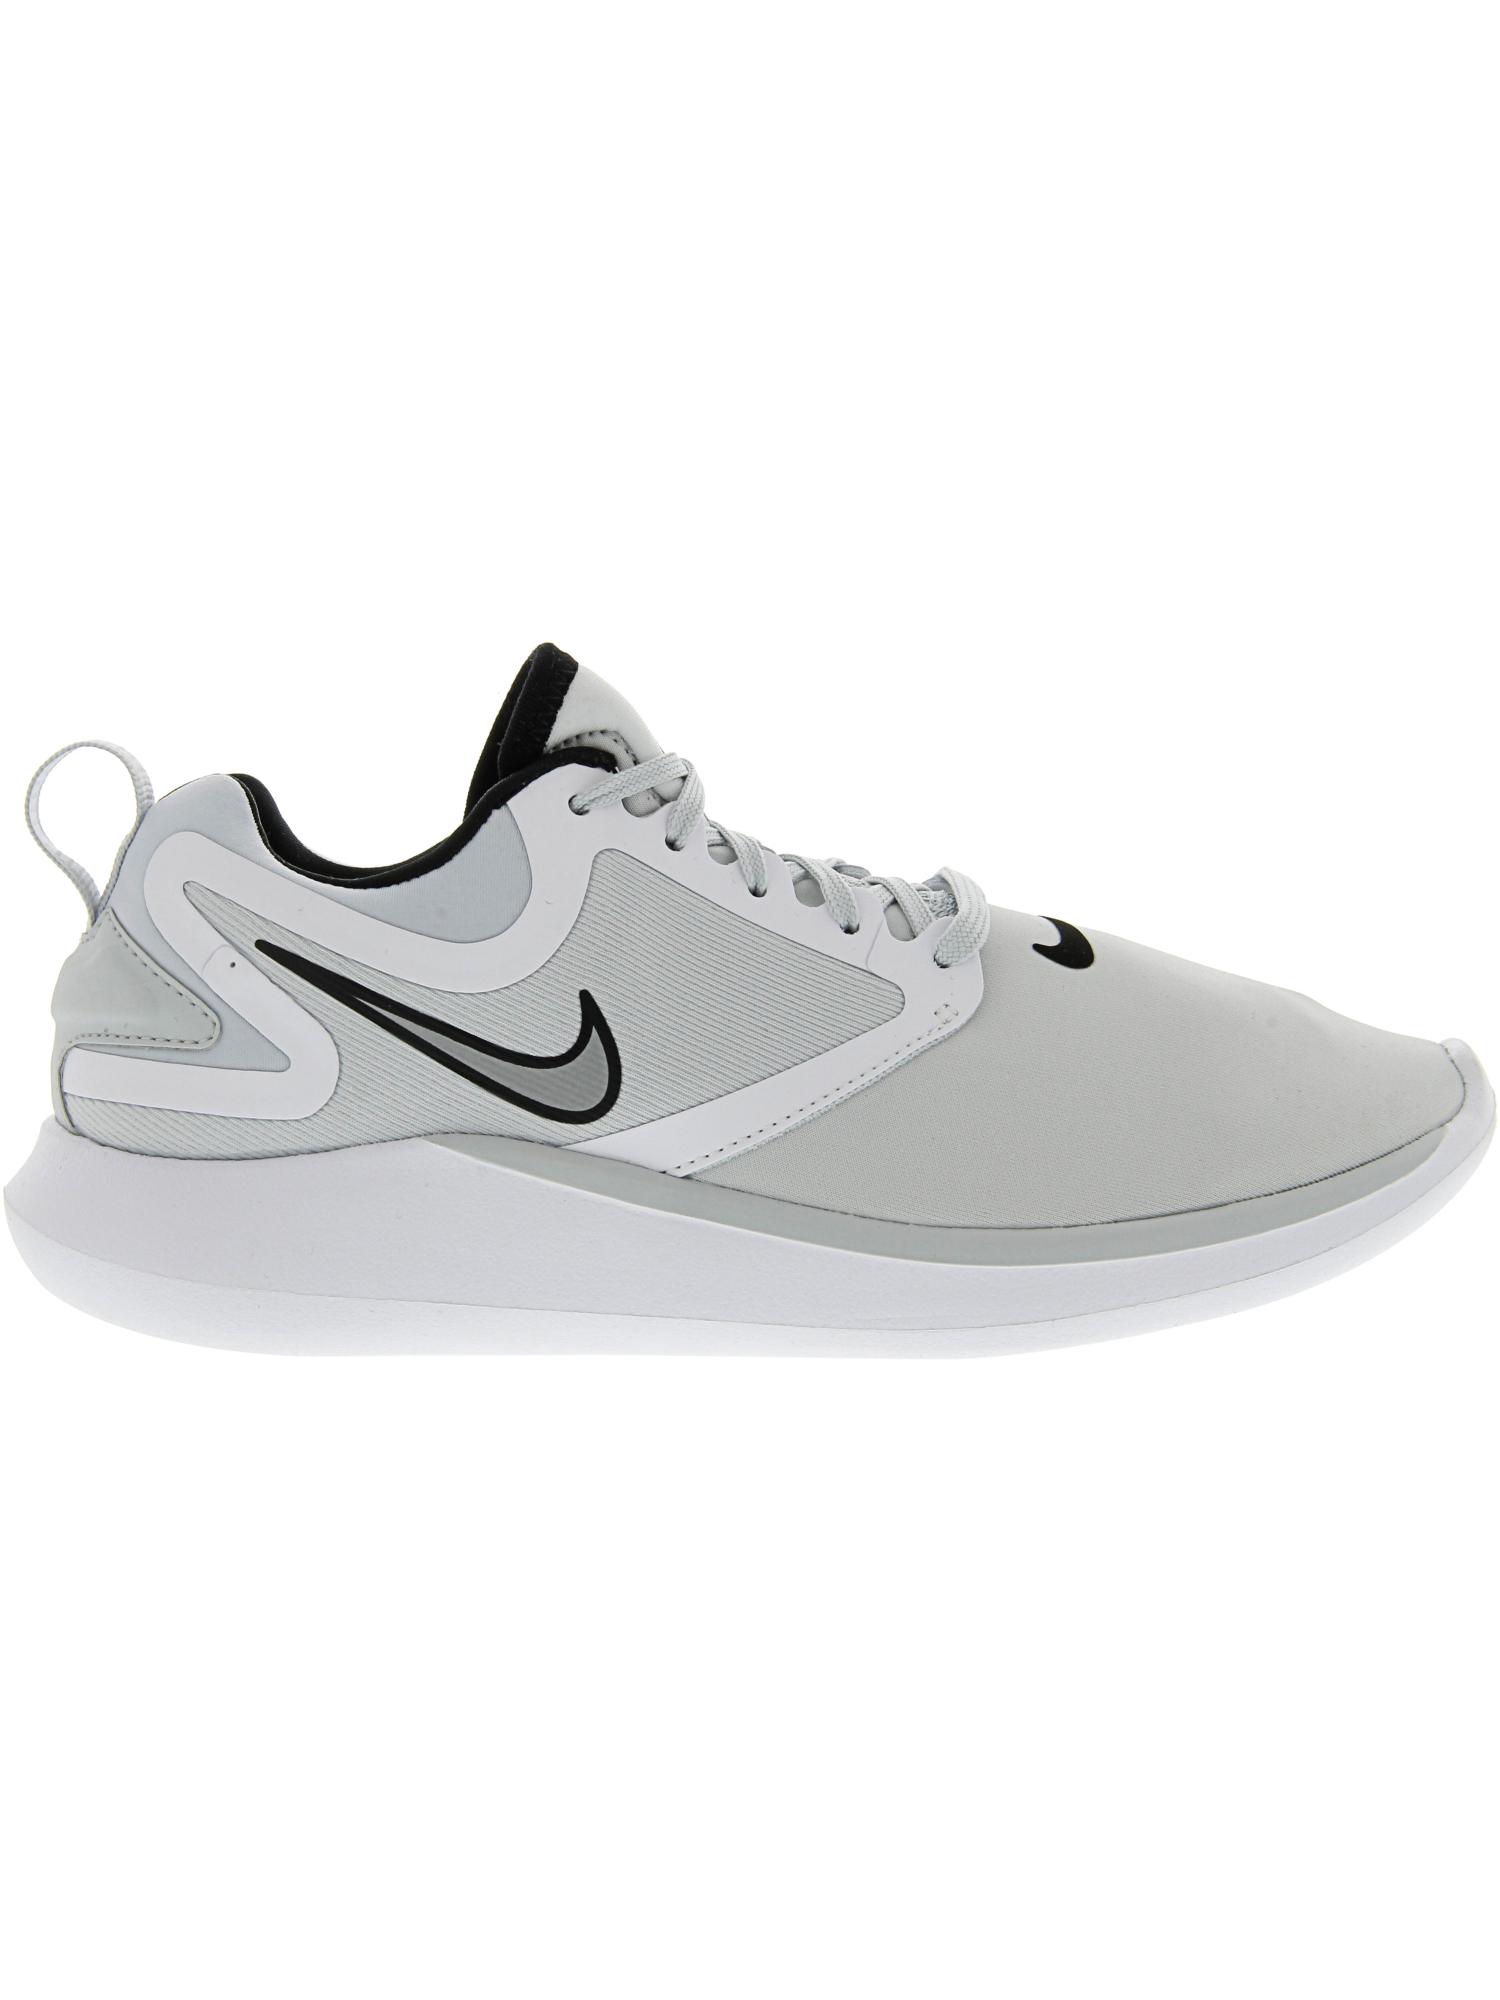 d34282d71b9 Nike Women s Lunarsolo El Ankle-High Fabric Running Shoe